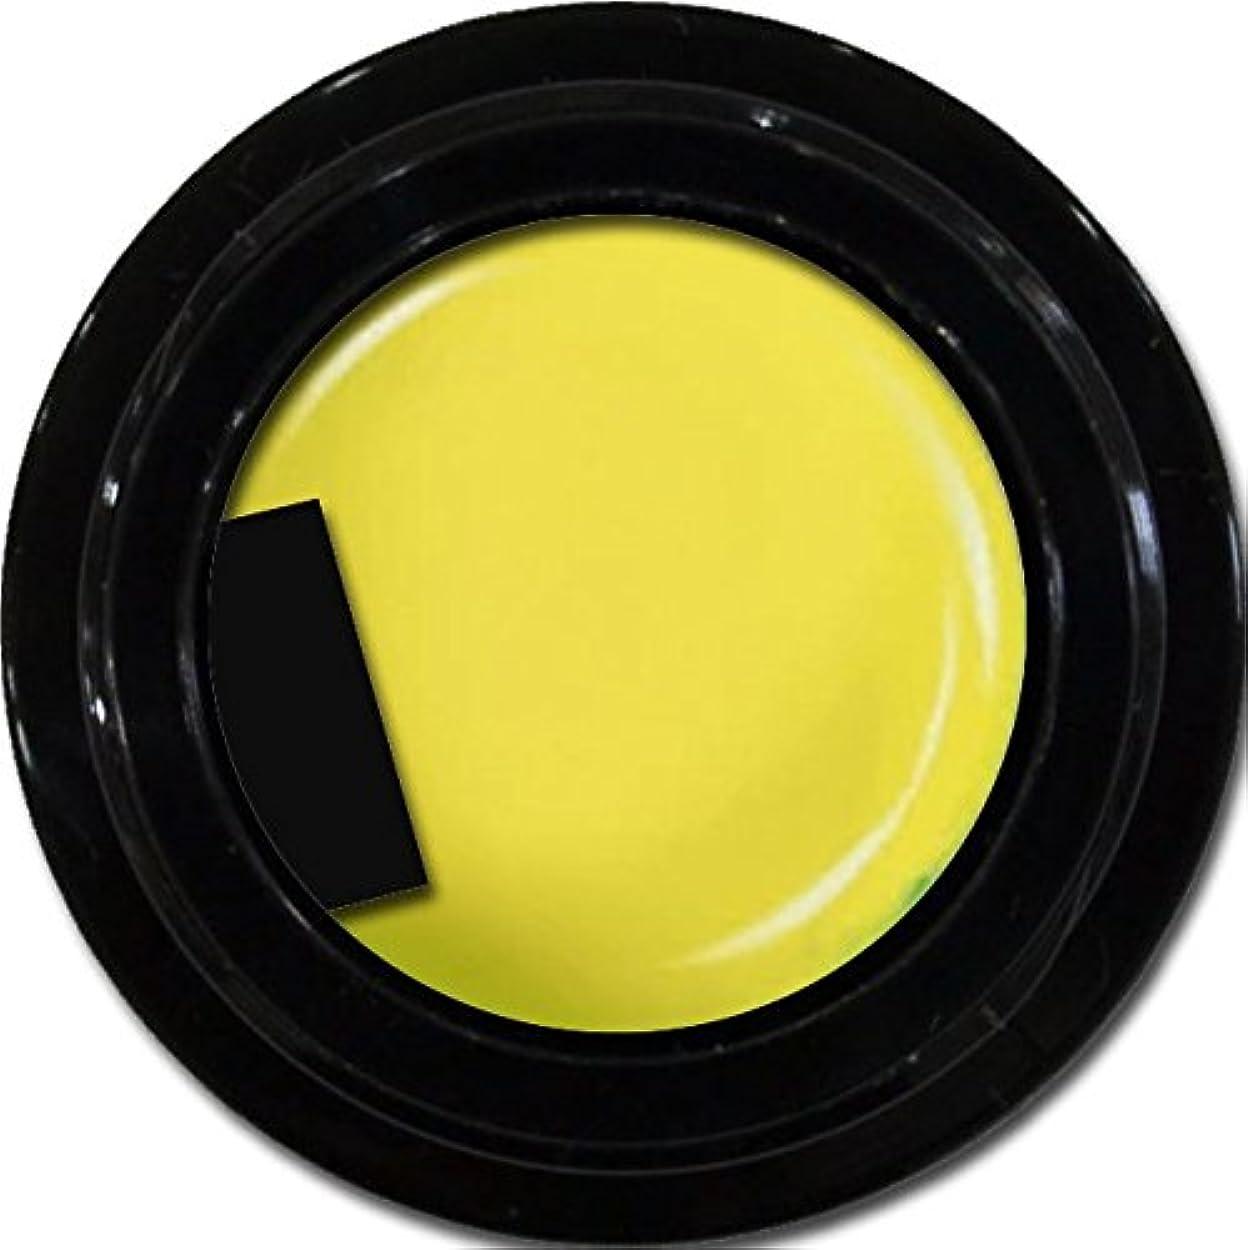 アルネ壮大なバーマドカラージェル enchant color gel M602 MoroccoYellow 3g/ マットカラージェル M602 モロッコイエロー 3グラム